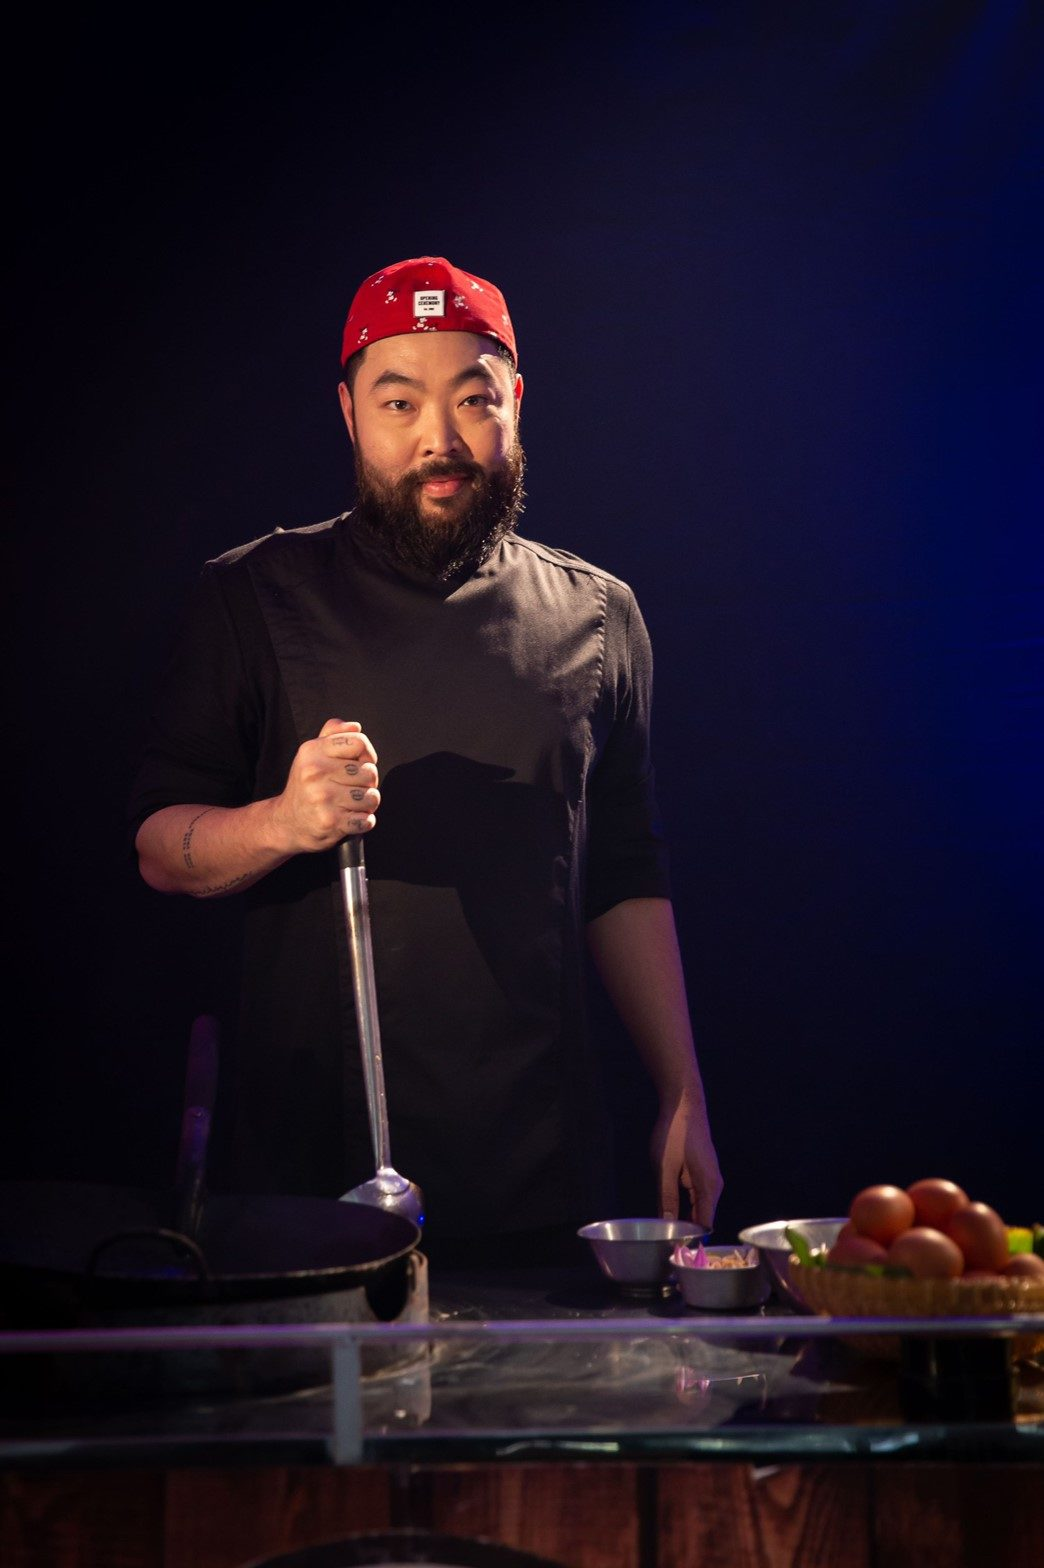 Chef Andy Yang